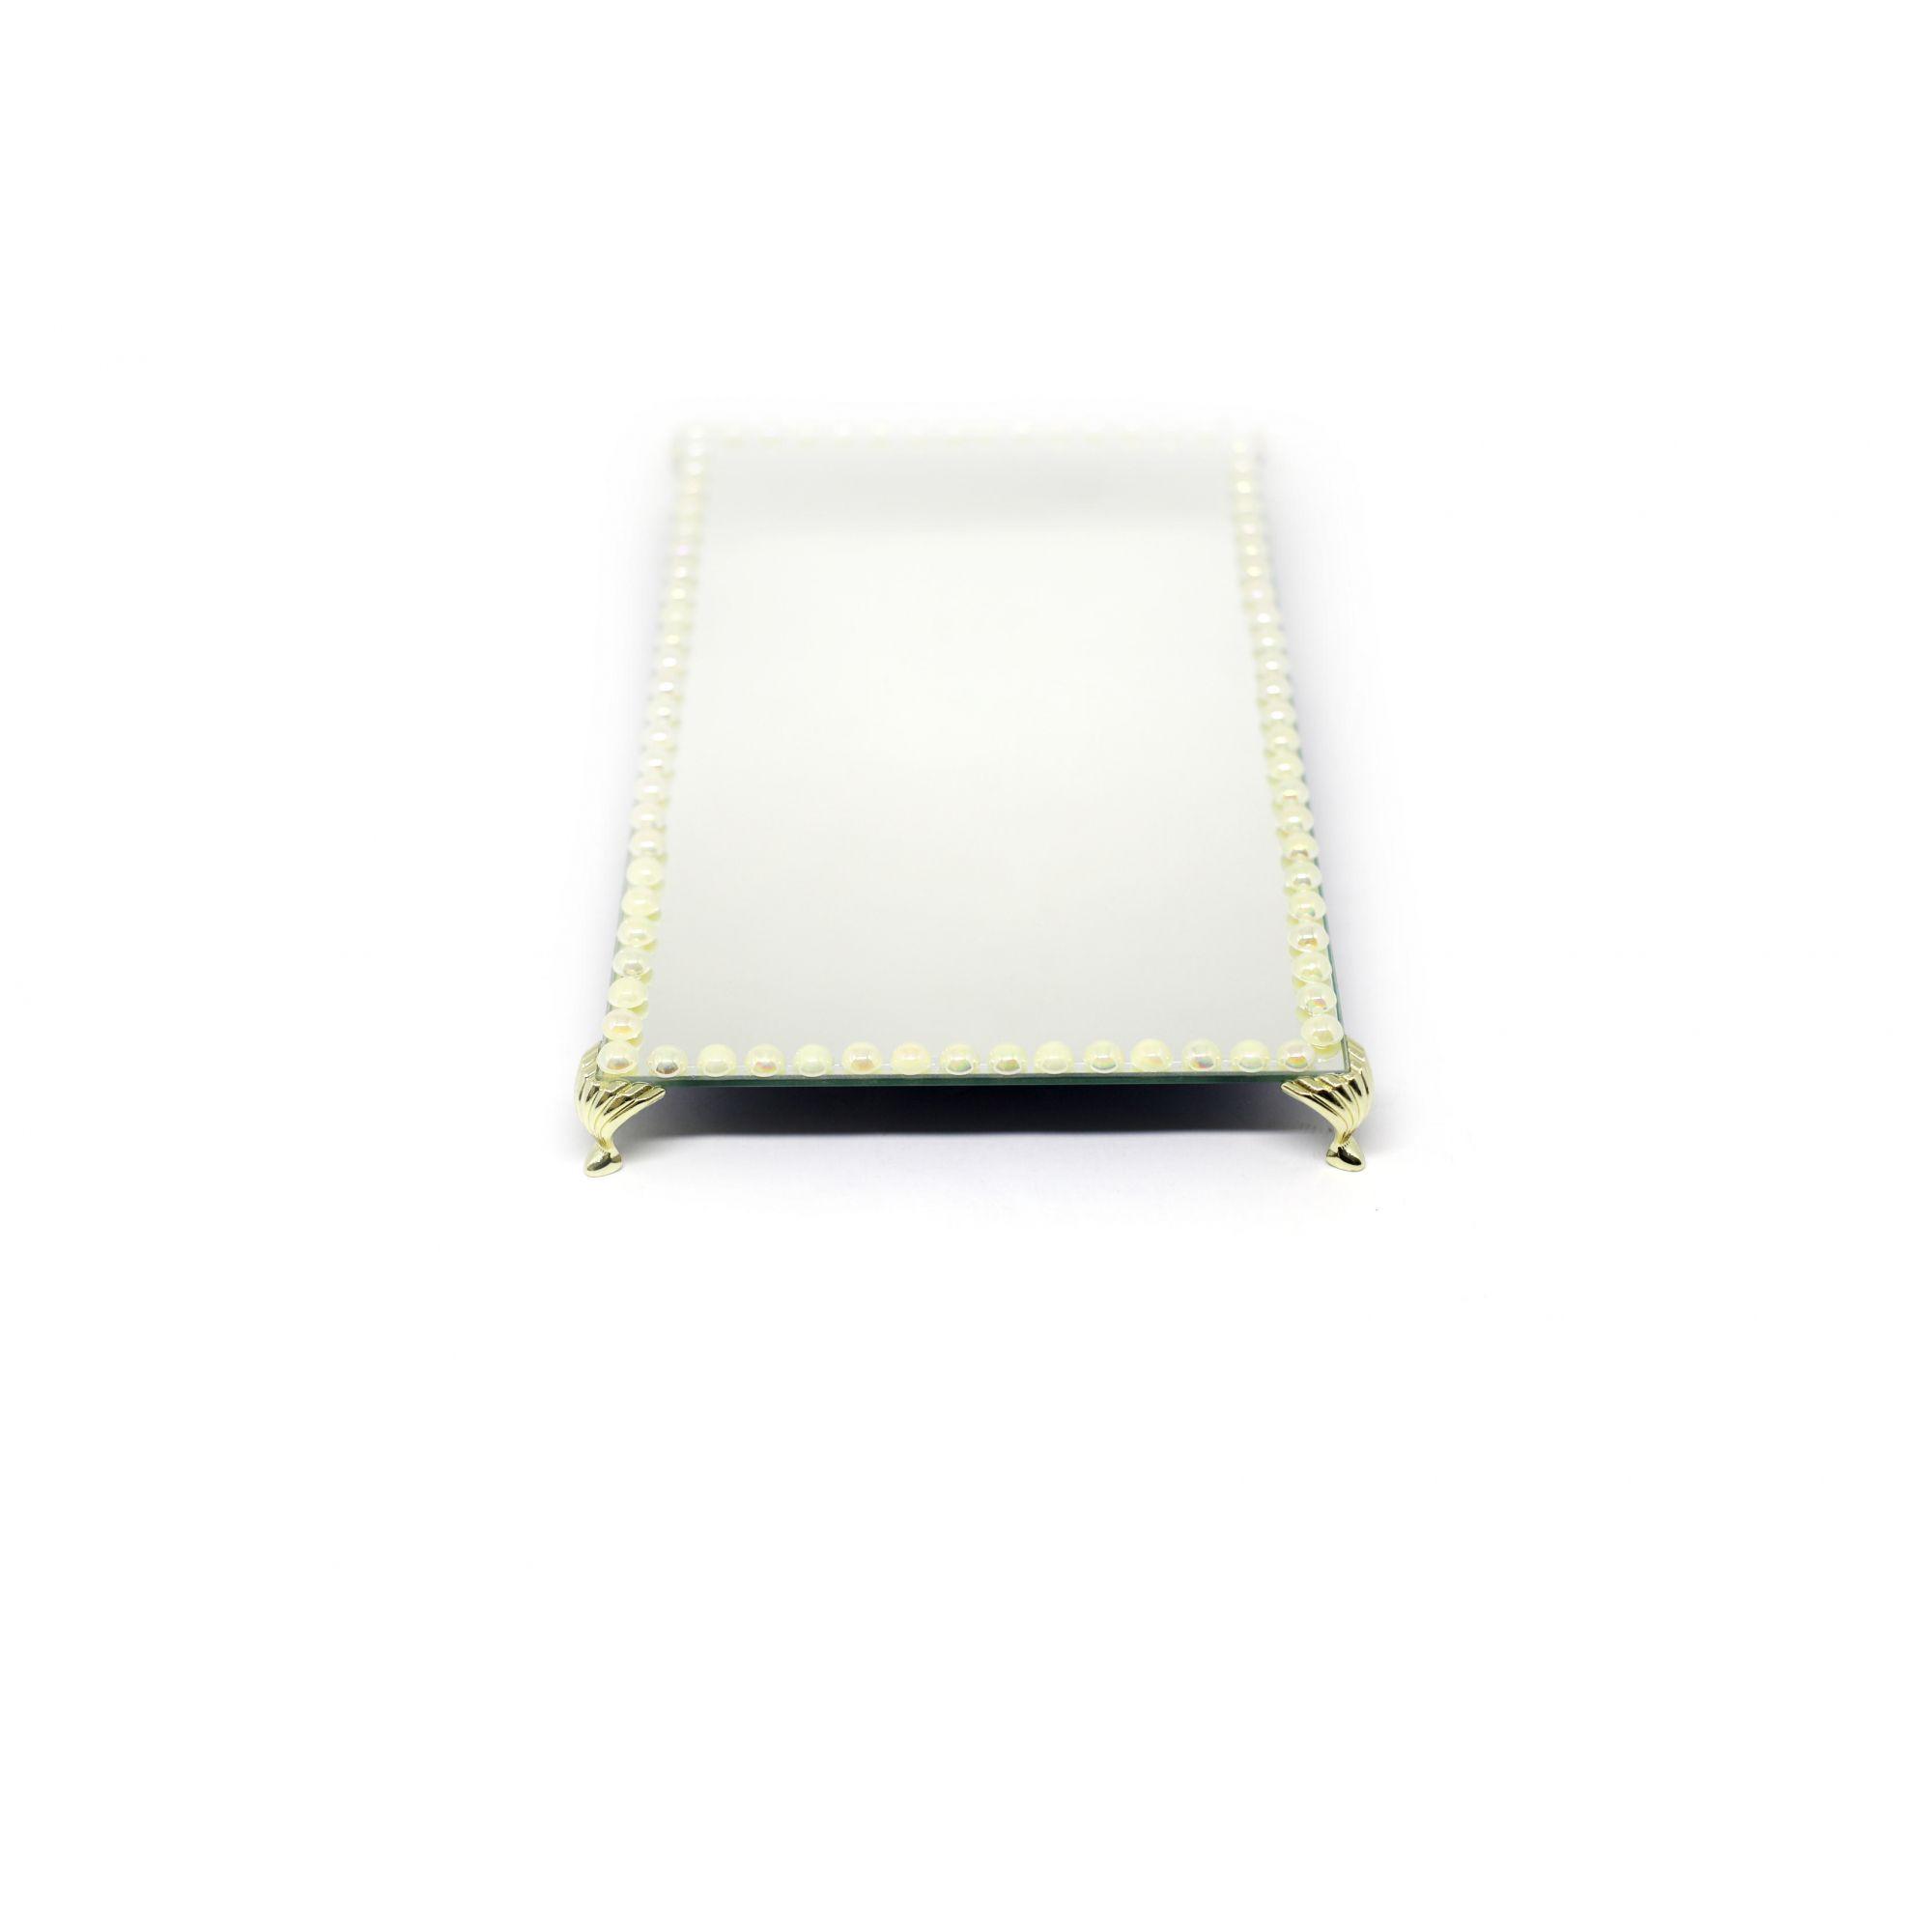 Bandeja Espelhada Com Pérolas e Pé Concha Dourada Lavabo Banheiro Sala Luxo 30x18